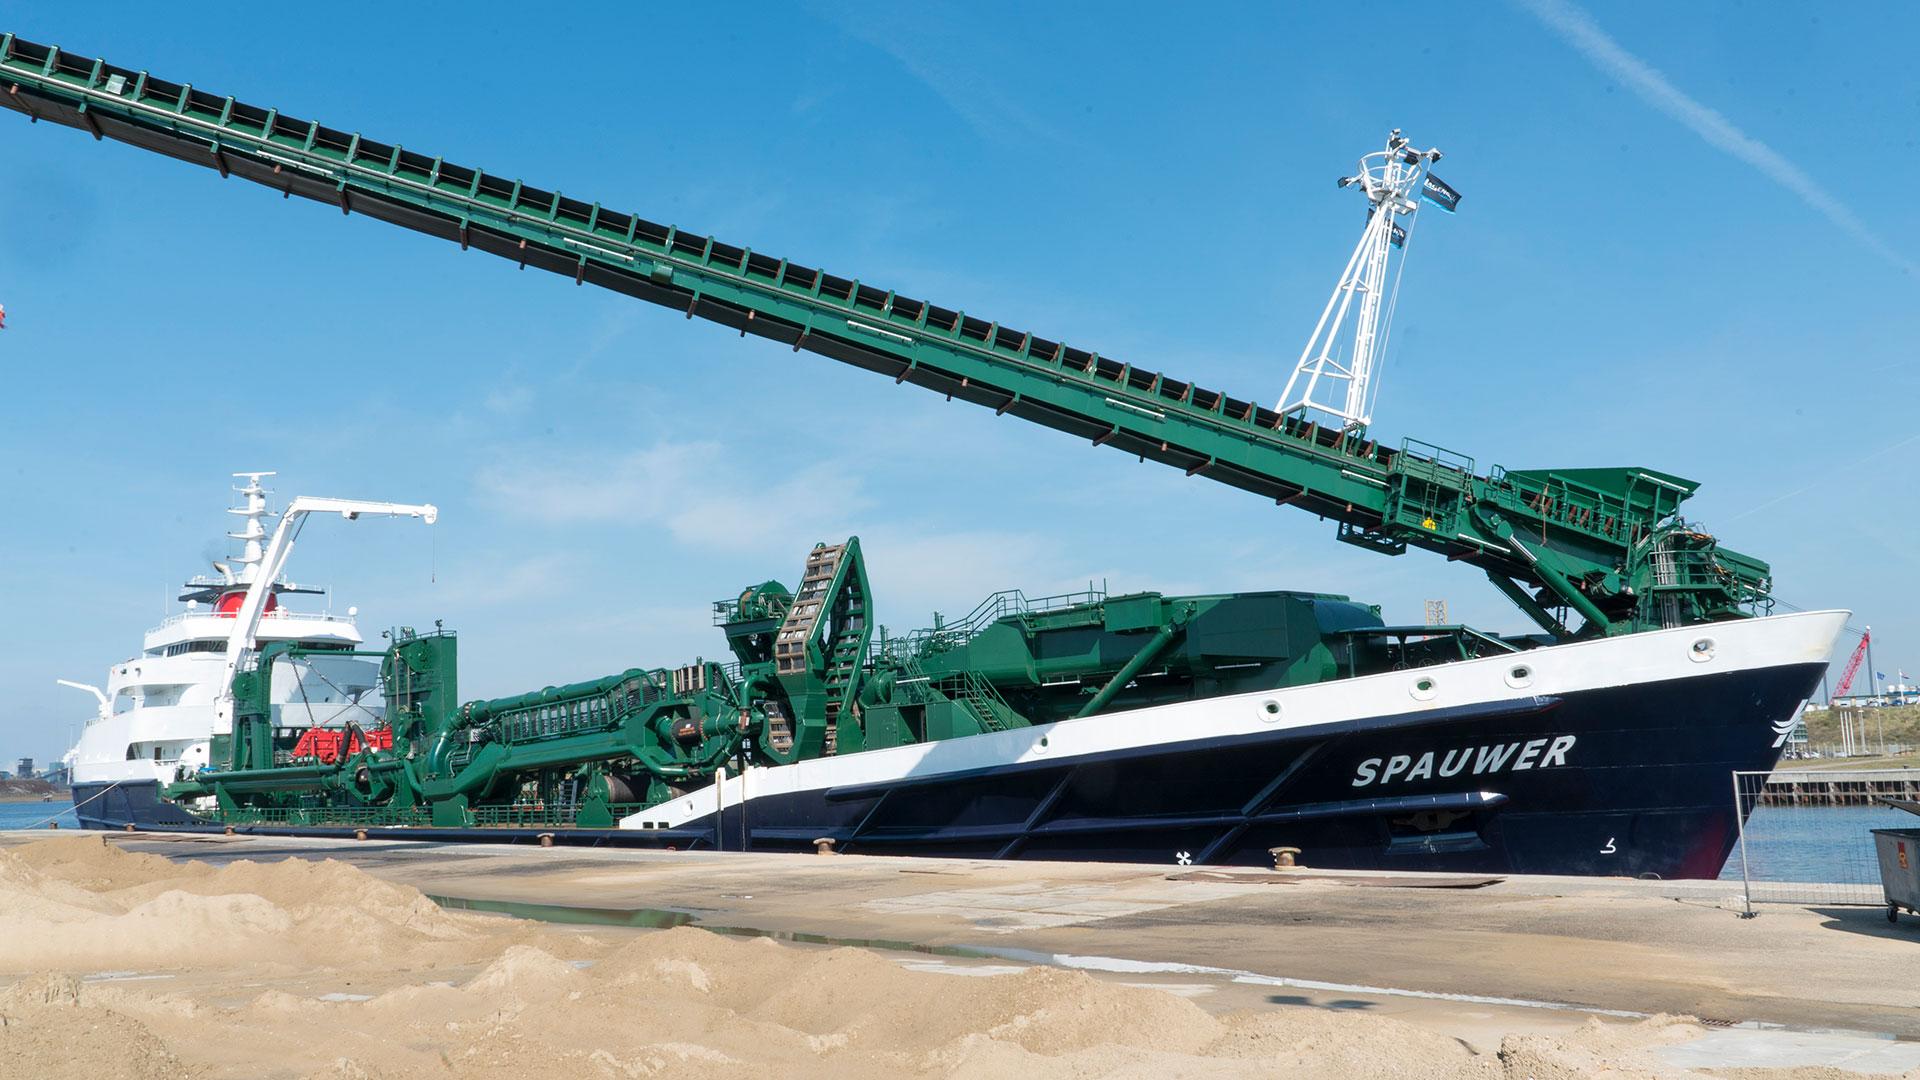 Spaansen Grondstoffen en Logistiek - Den Herder Seaworks - Sleephopperzuiger Spauwer